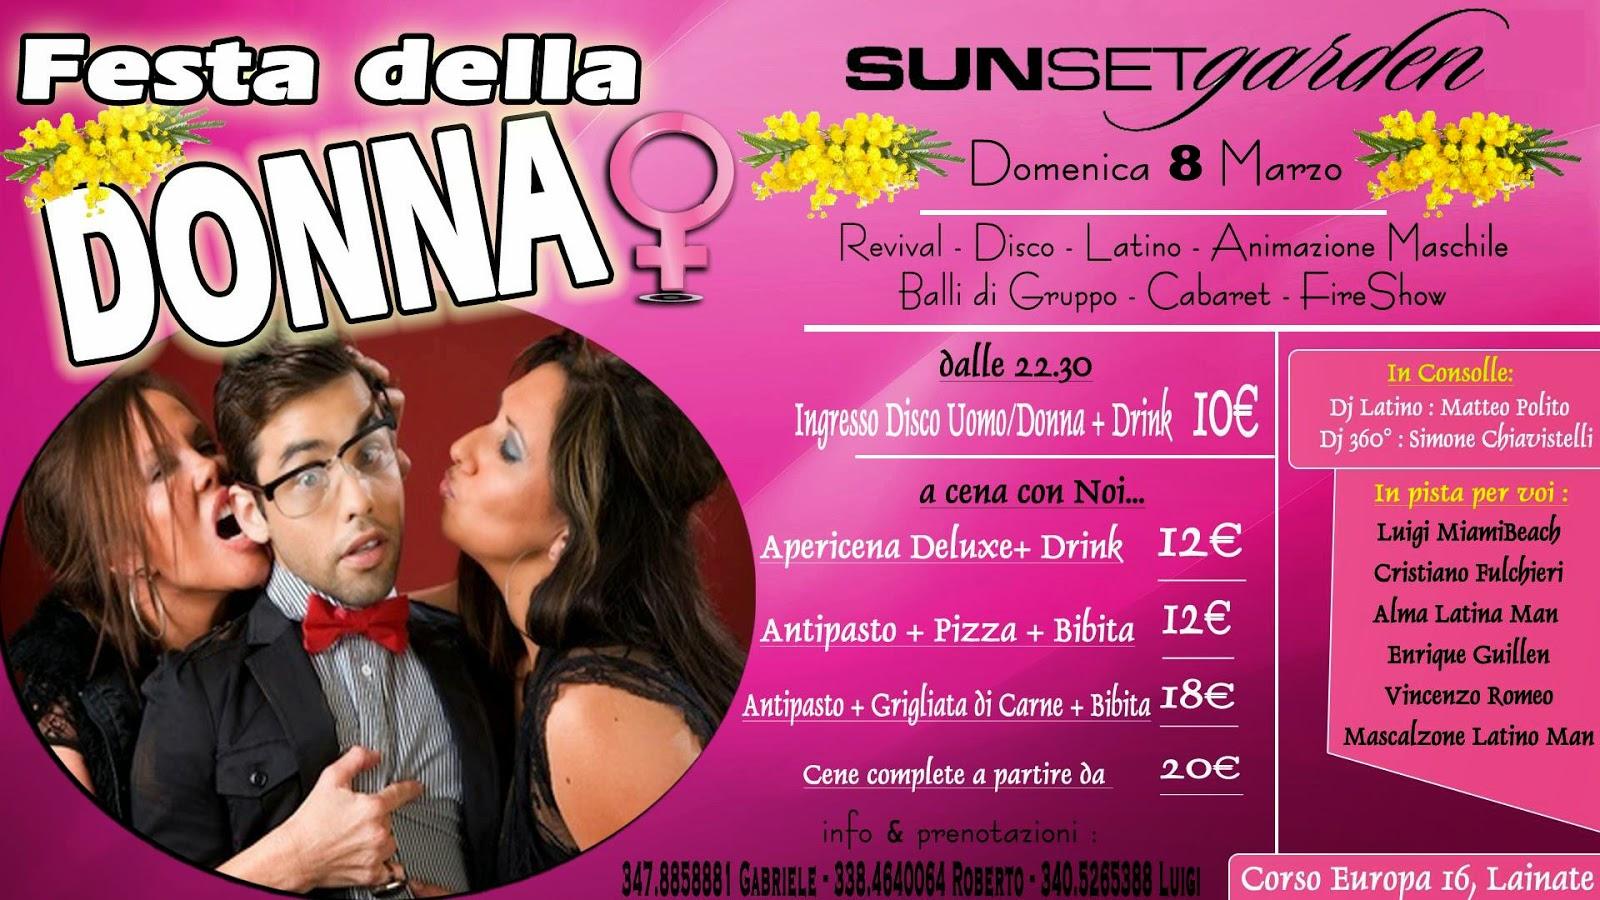 Domenica 8 Marzo - Festa della Donna @ Sunset Garden - Lainate - MI - Italy